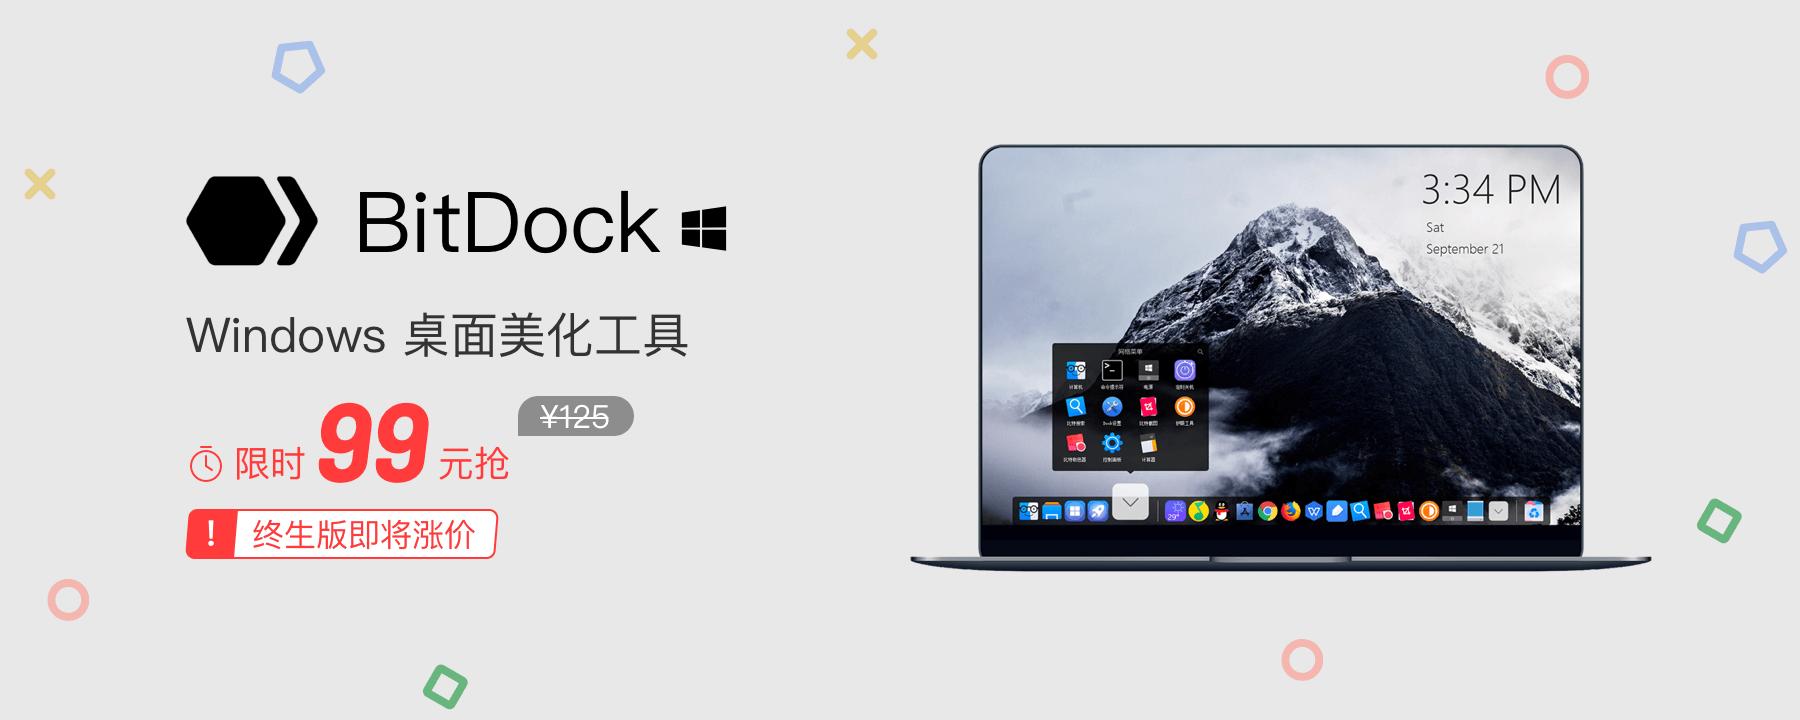 正版特惠 桌面美化工具 BitDock 终生版限时99-QQ前线乐园